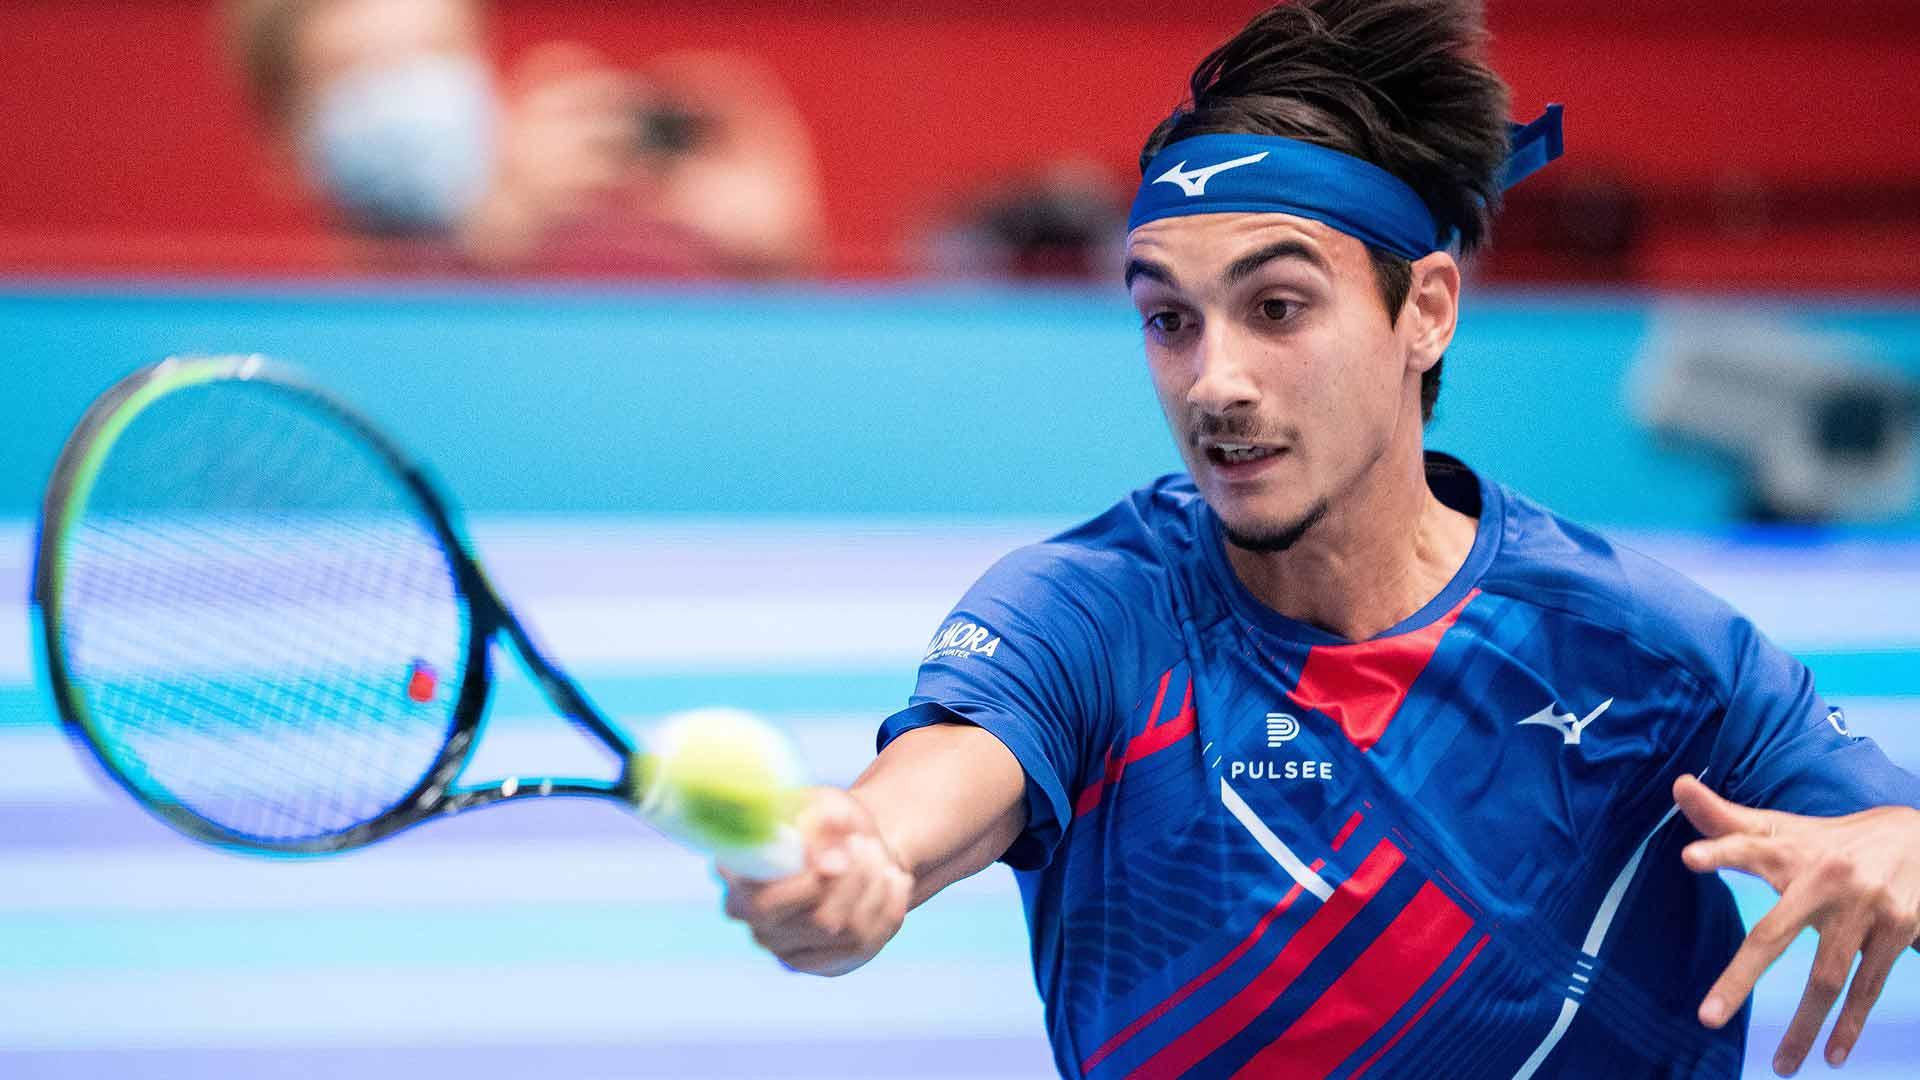 Sardegna Open 2021: Lorenzo Sonego vs. Laslo Djere Tennis Pick and Prediction